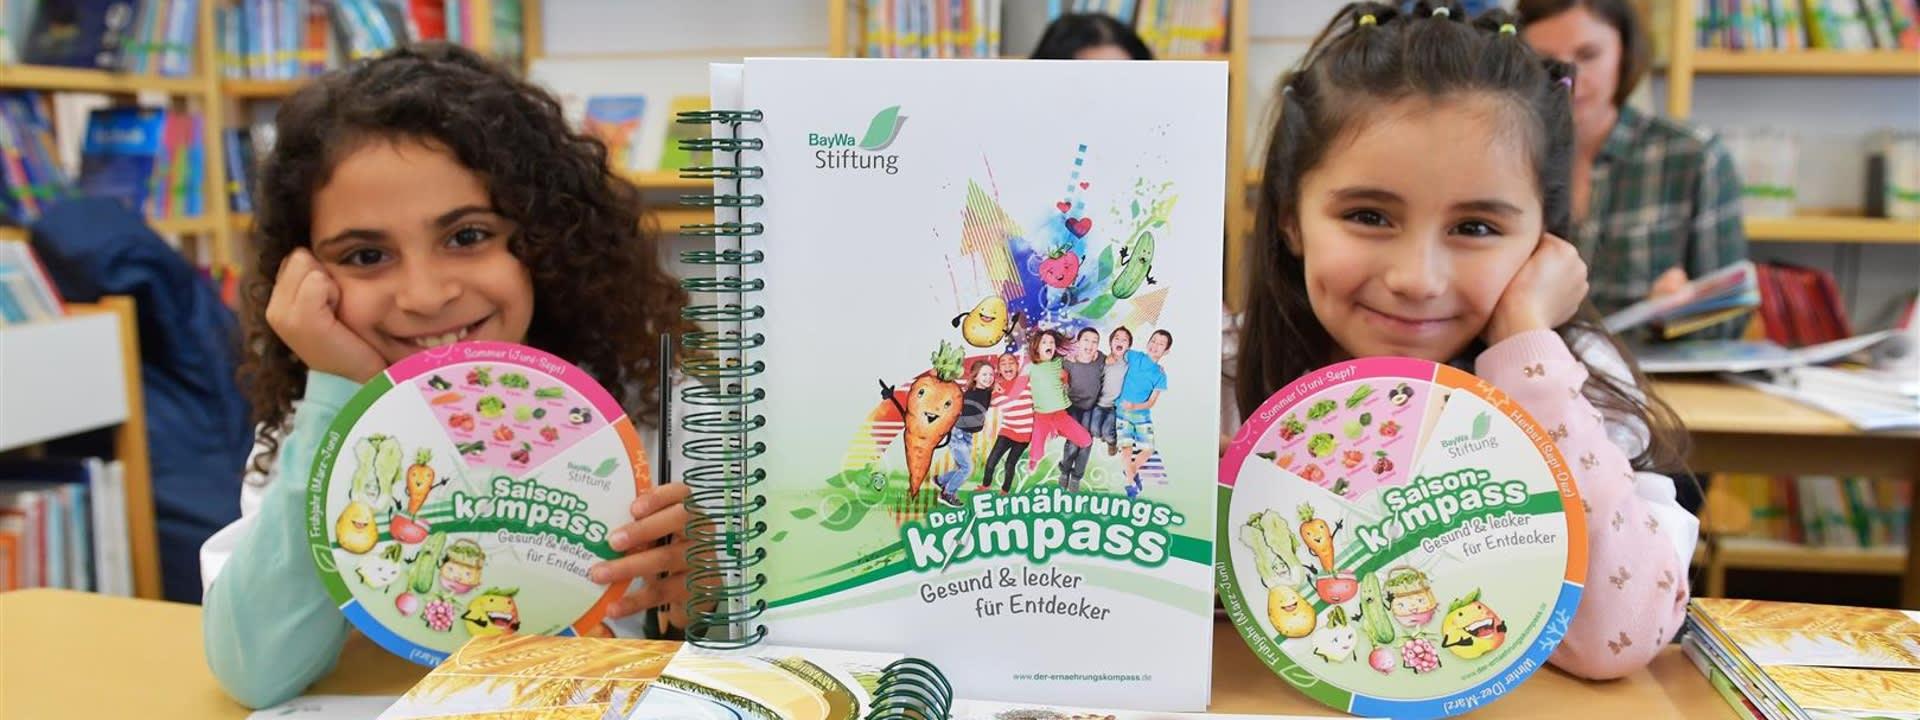 """Das Lehr- und Aktionsbuch """"Der Ernährungskompass"""" der BayWa Stiftung zeigt Grundschülern die bunte Welt der gesunden Ernährung."""